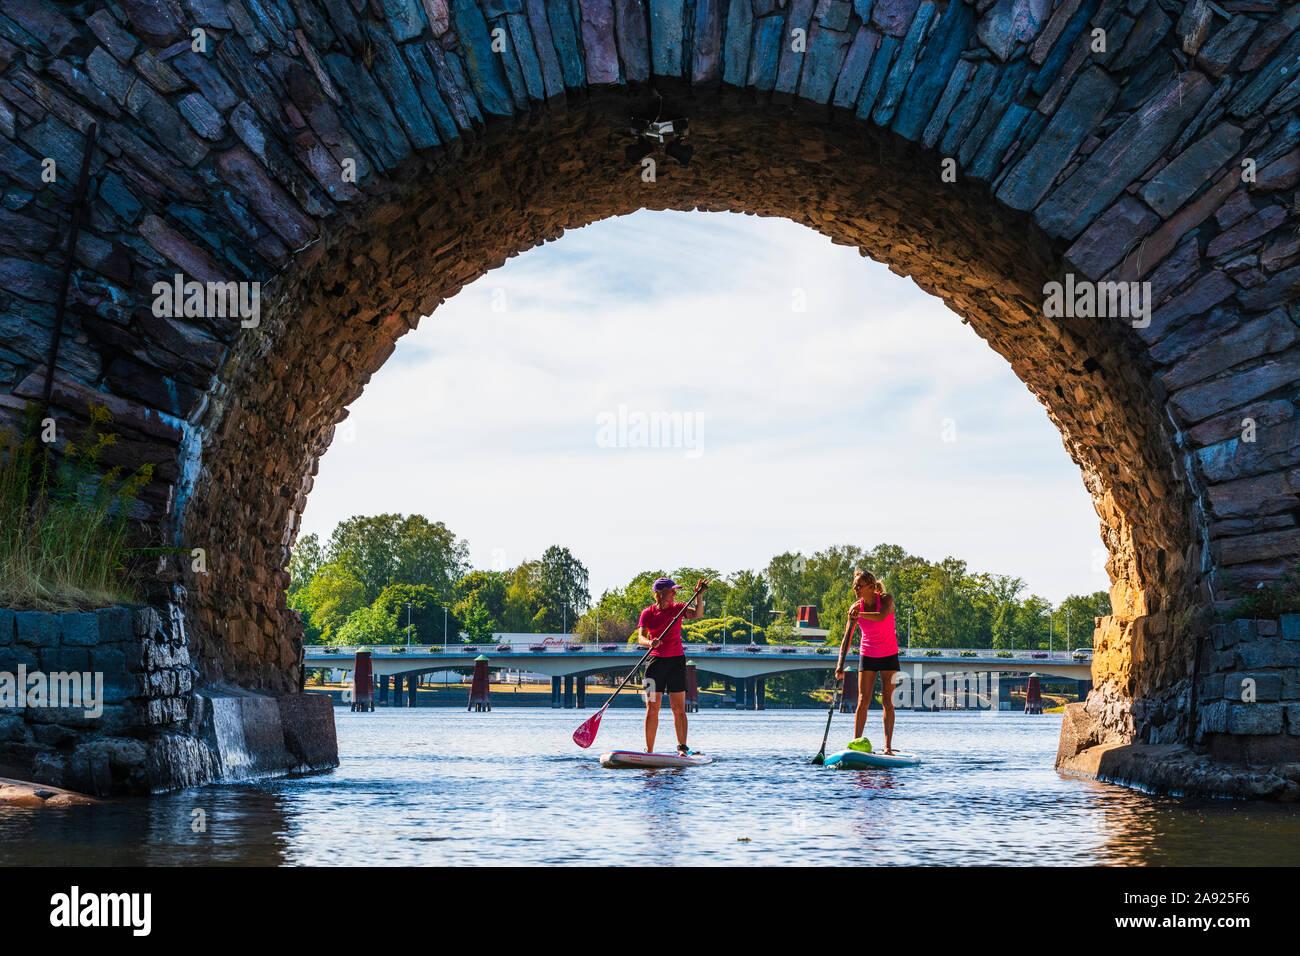 Las mujeres paddle boarding Foto de stock